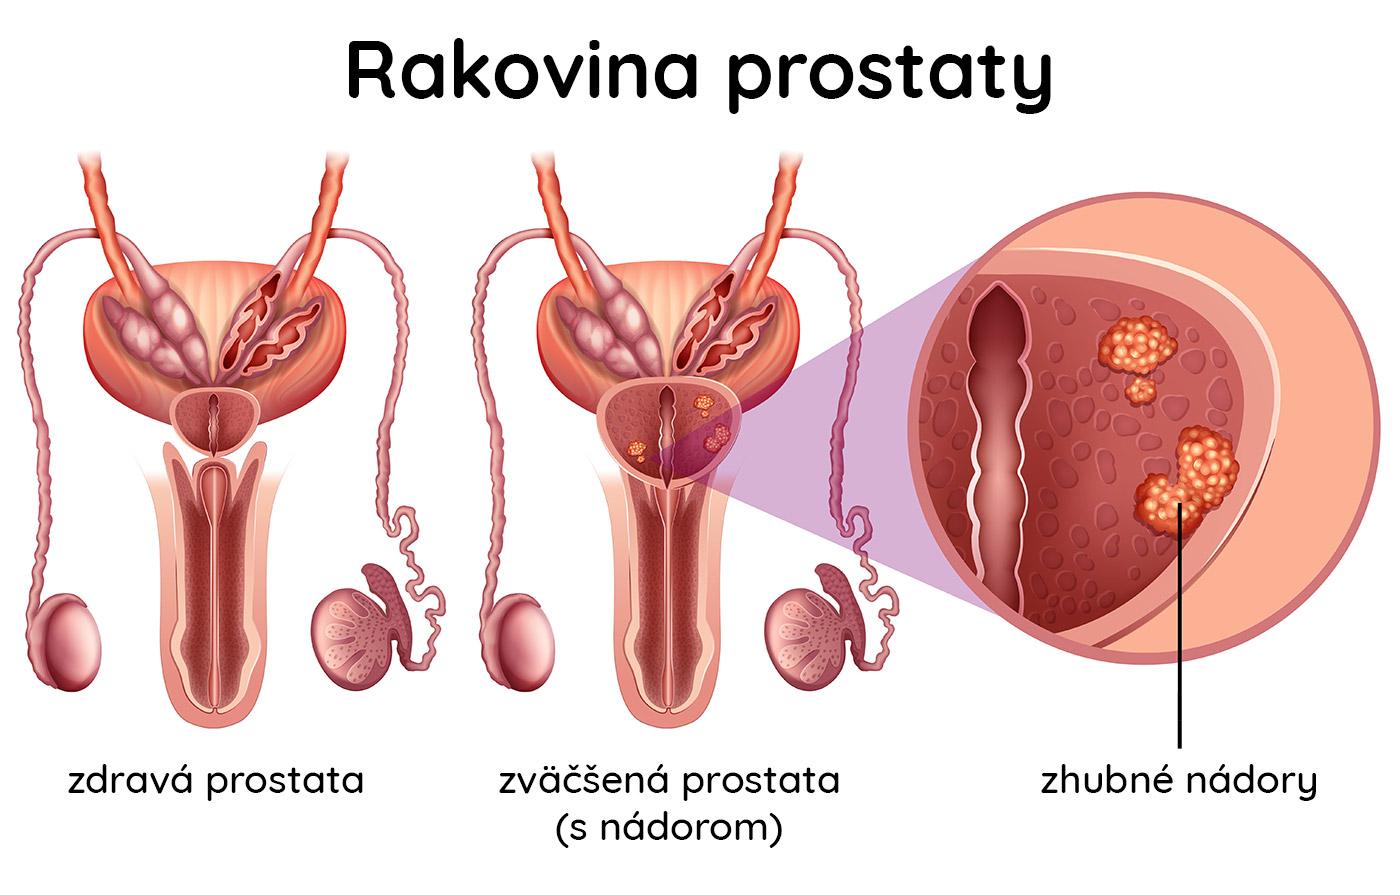 Zdravá a zväčšená prostata